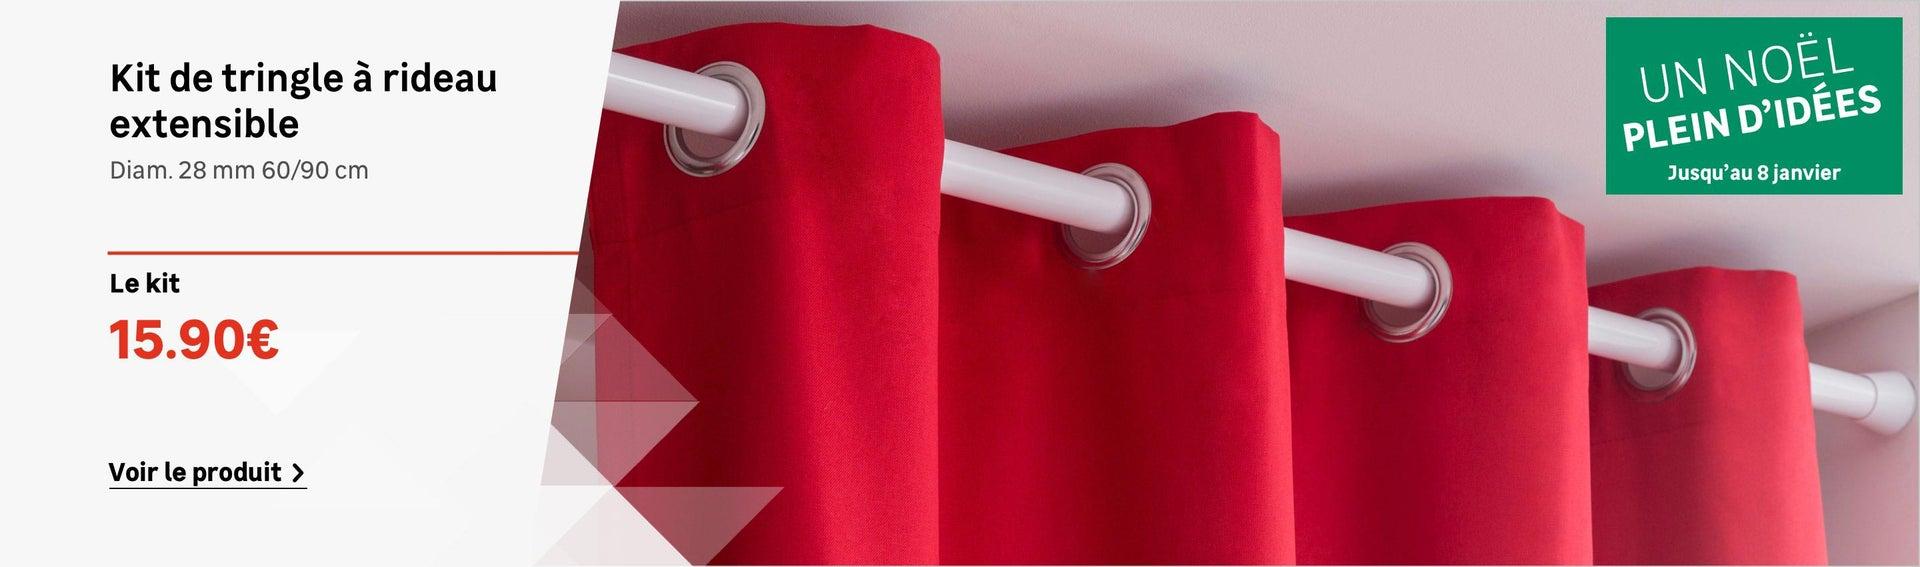 Kit de tringle à rideau extensible